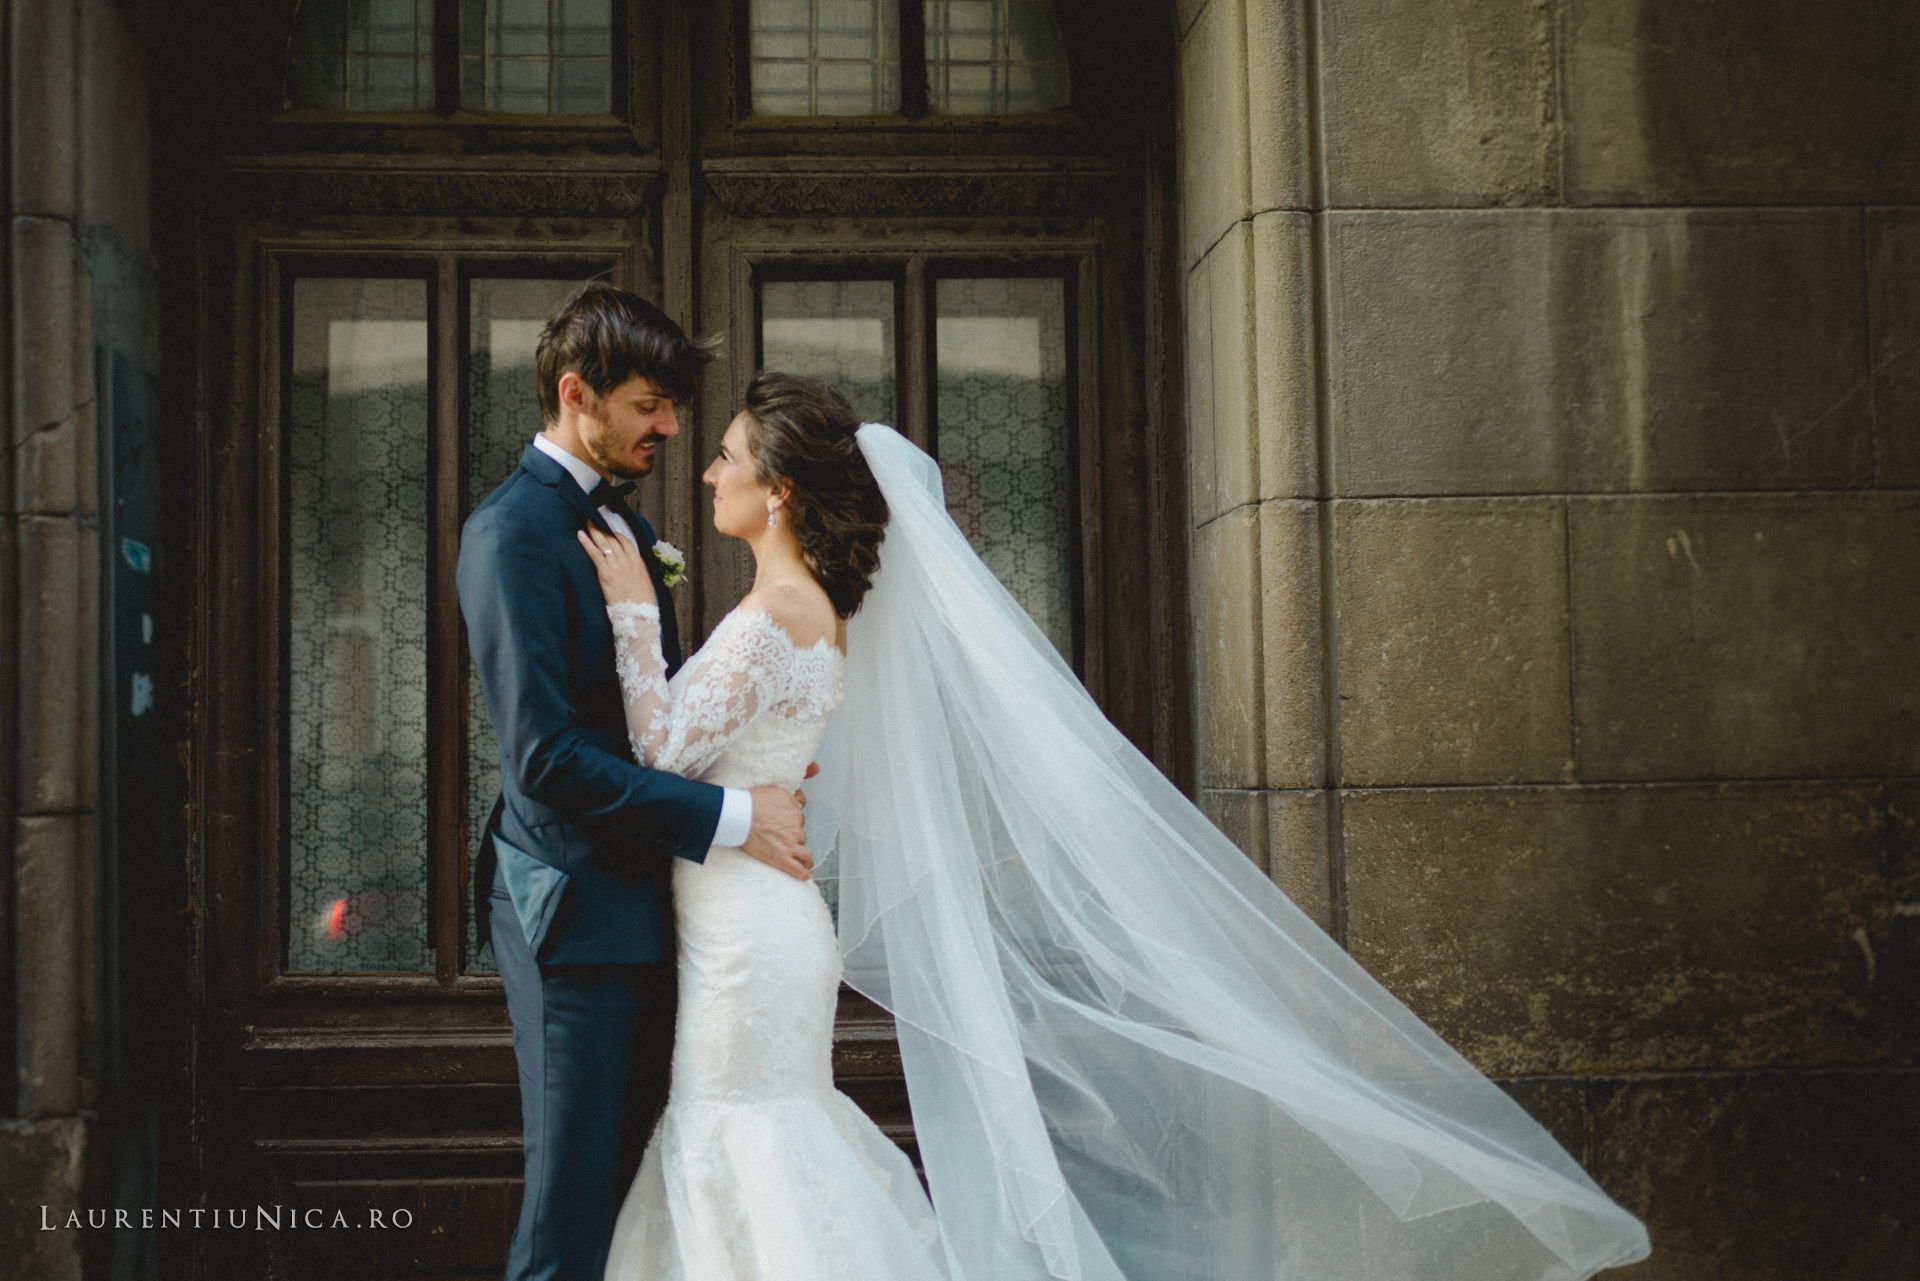 Cristina si Ovidiu nunta Craiova fotograf laurentiu nica 106 - Cristina & Ovidiu | Fotografii nunta | Craiova